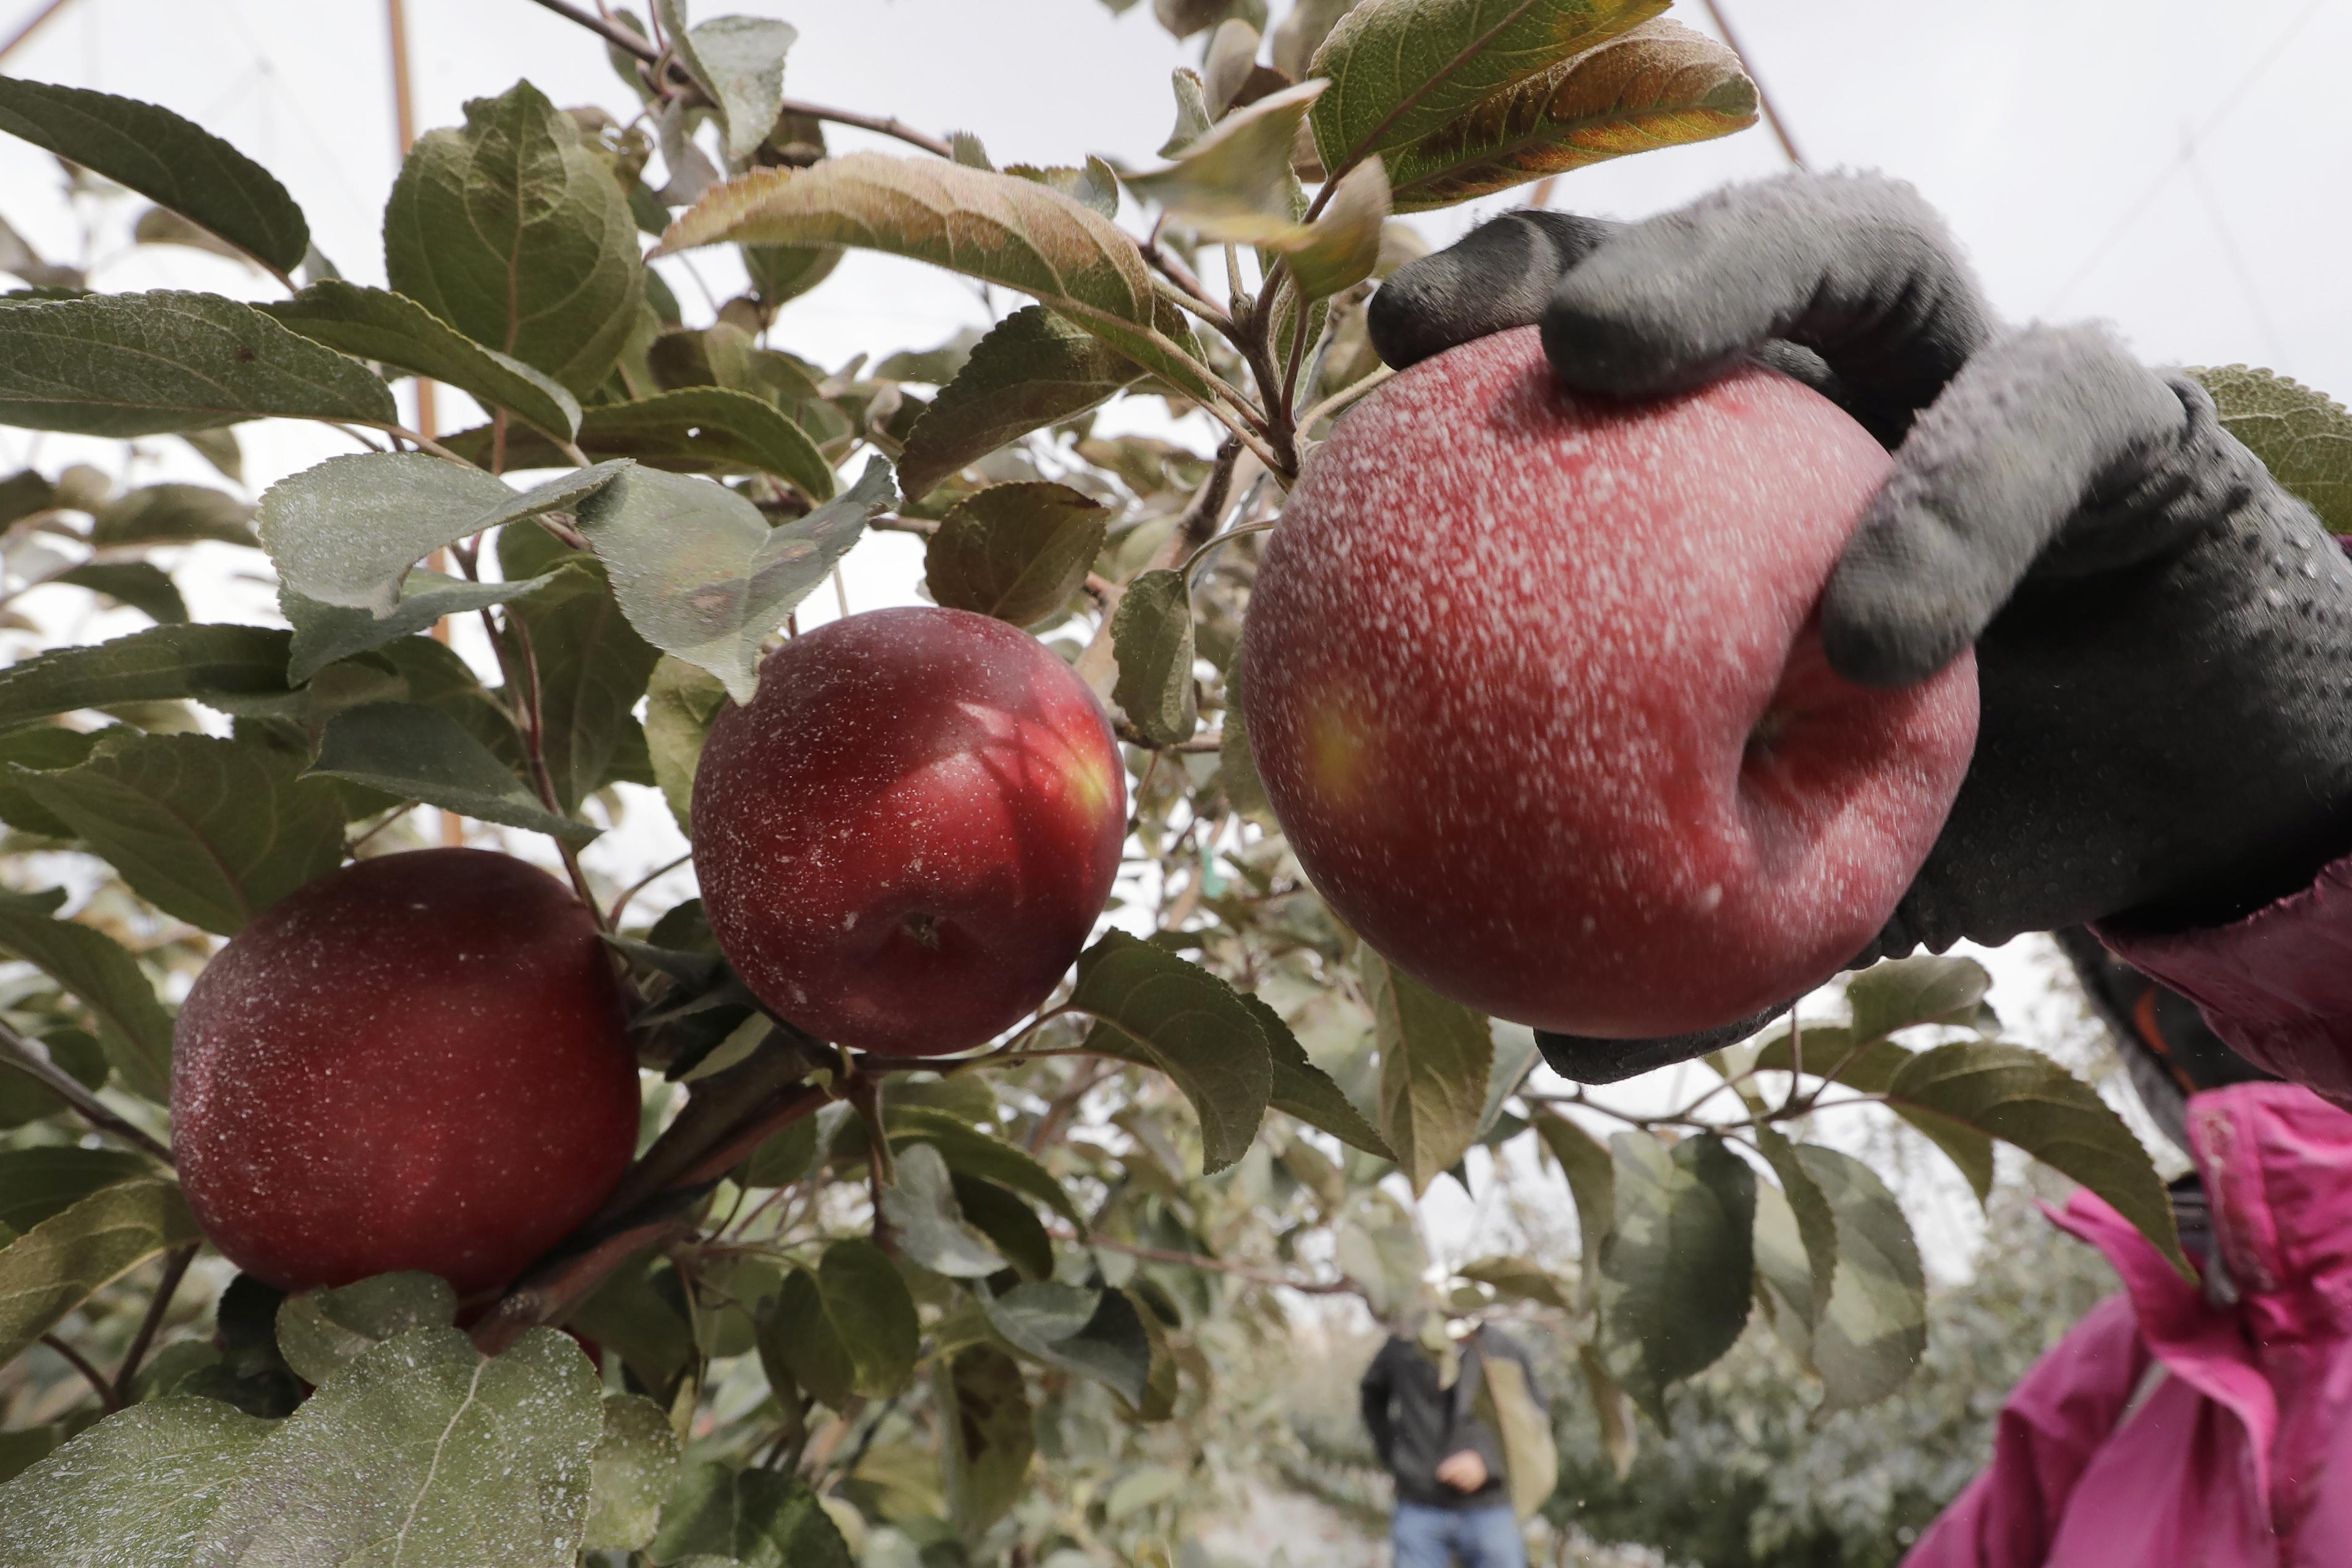 Olyan almafajtát nemesítettek, ami egy évig is friss marad